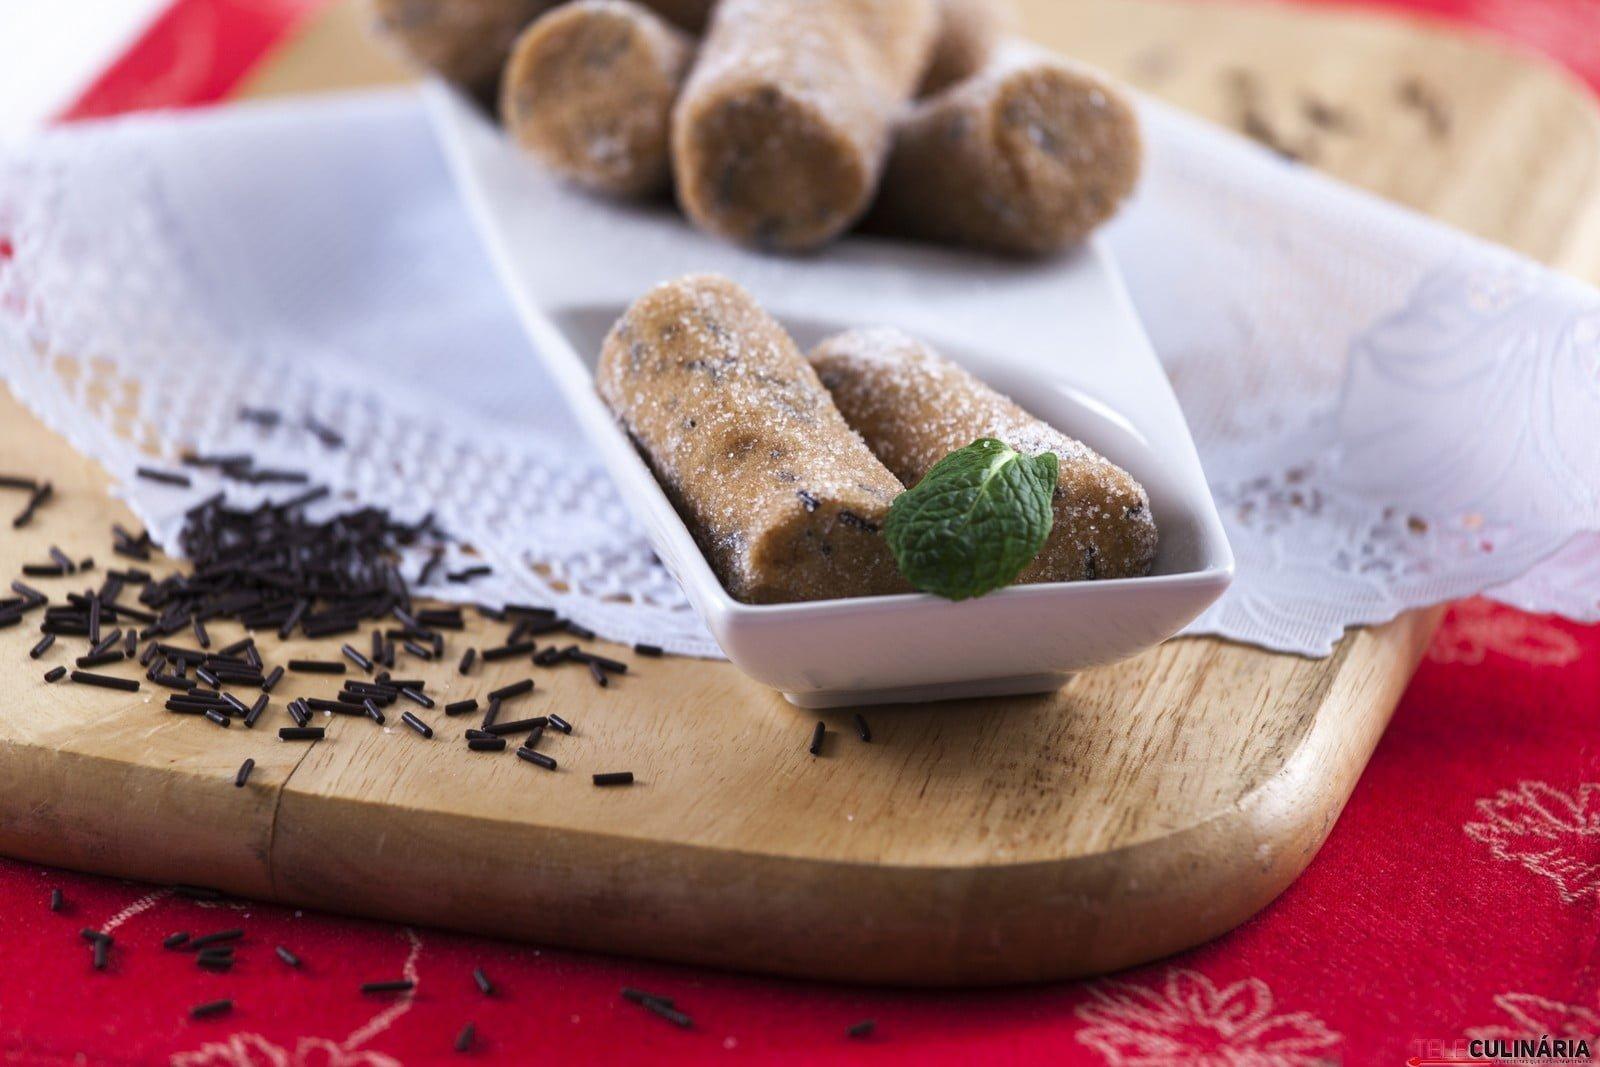 Croquetes de Bolacha com Pepitas Chocolate SM 006